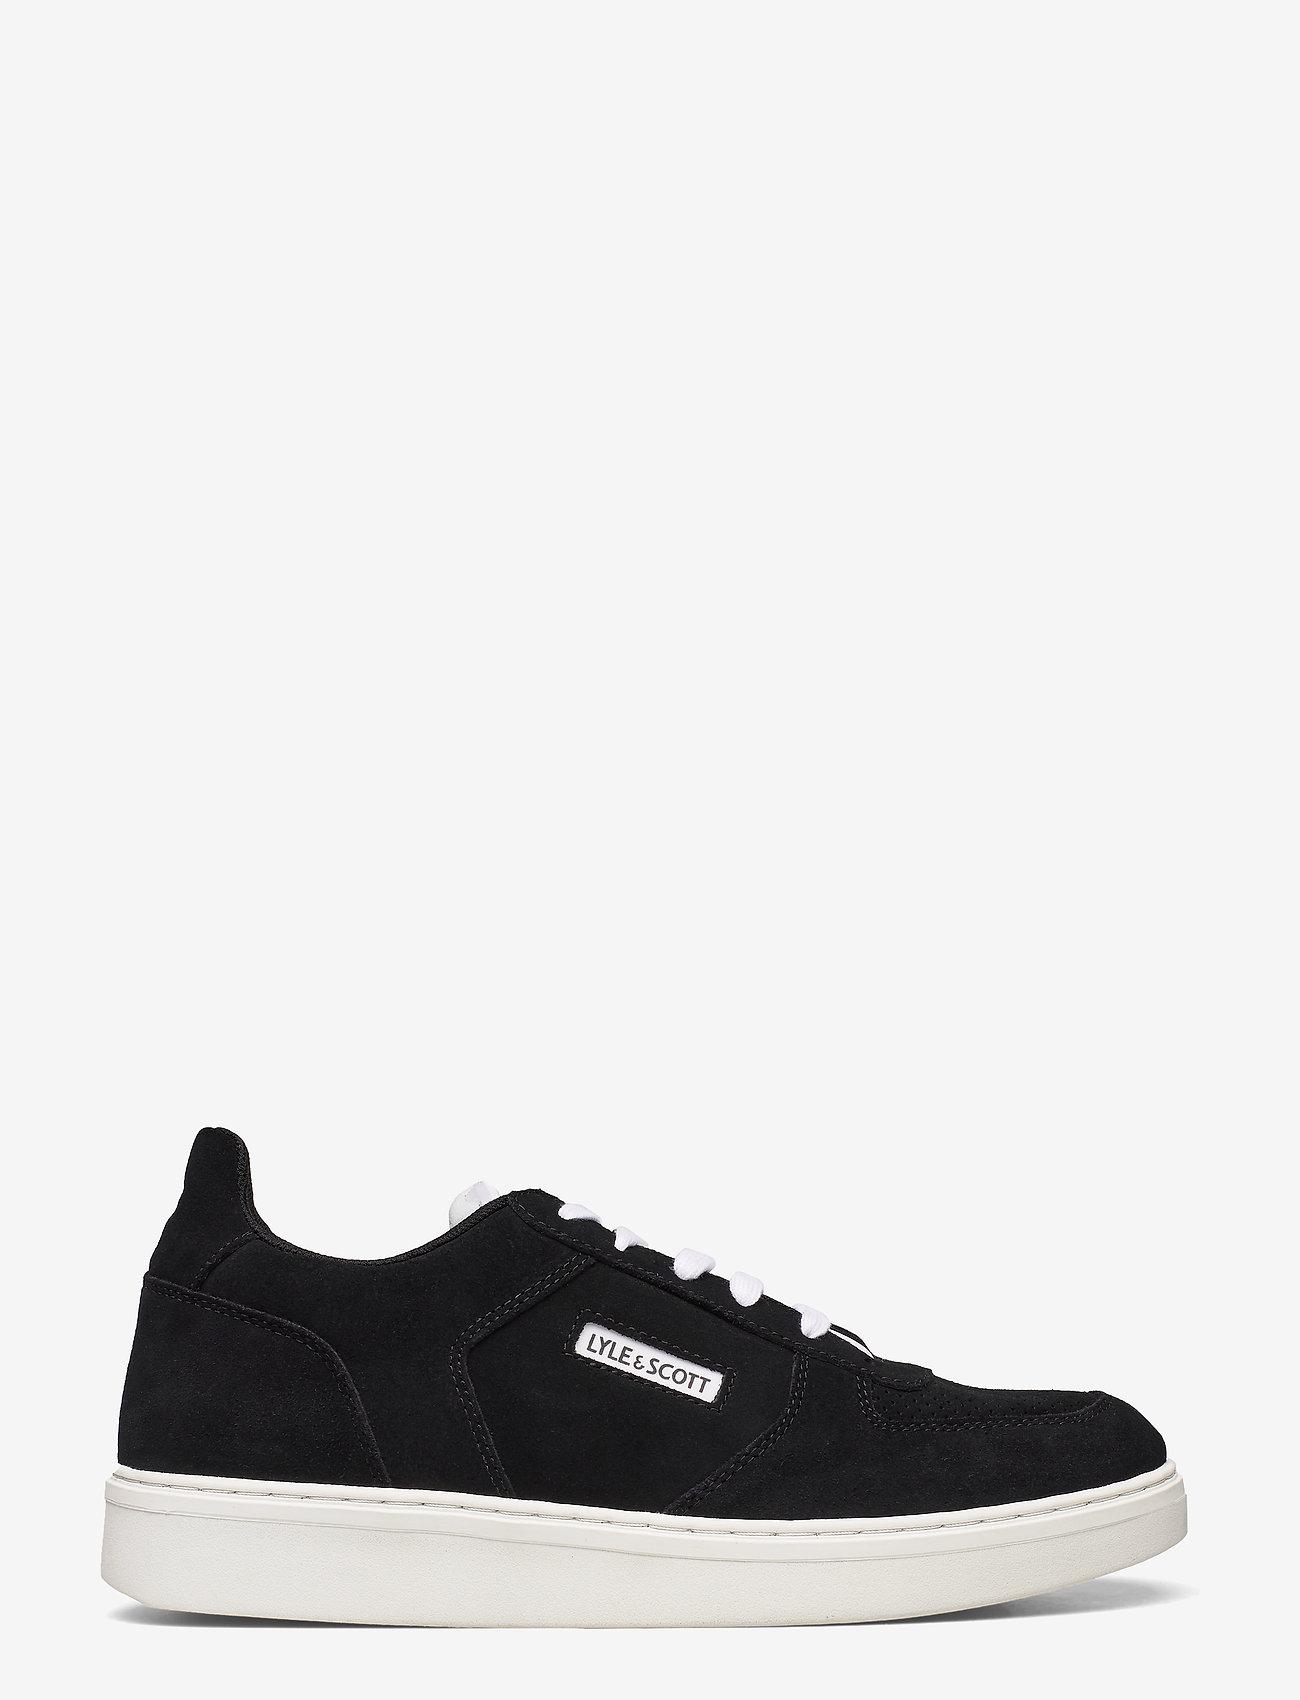 Lyle & Scott Mcmahon Ii - Sneakers